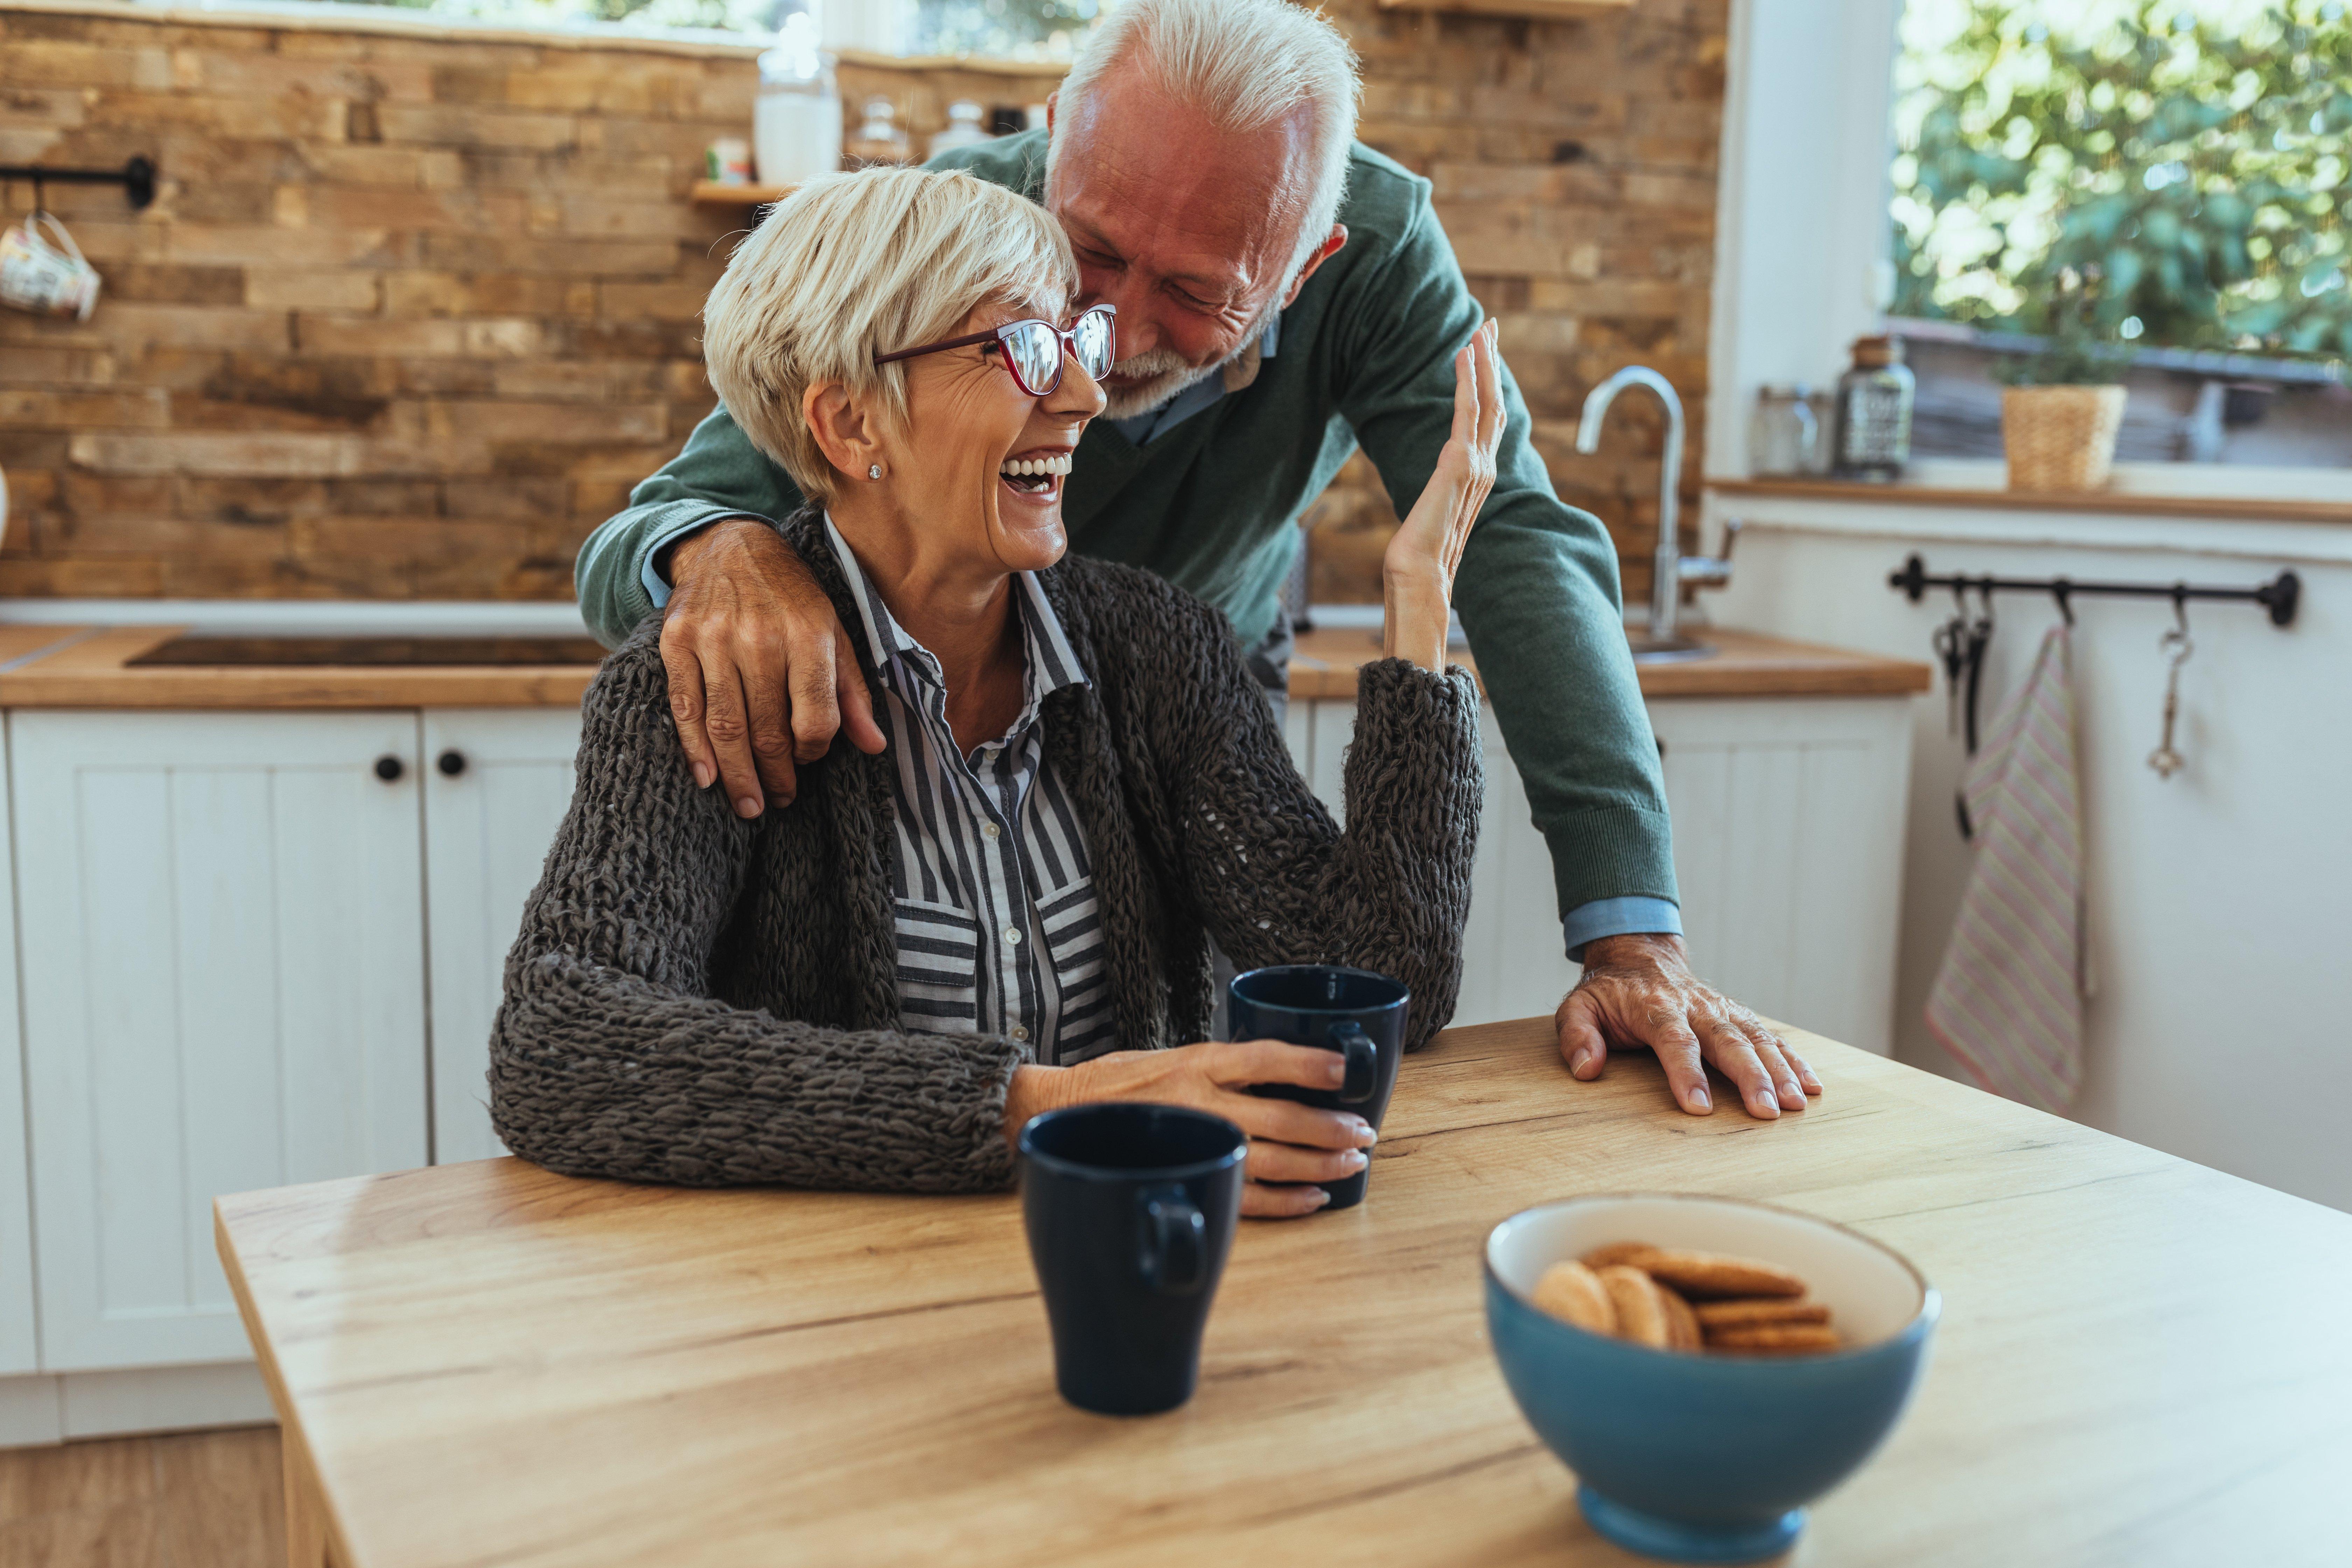 Altes Paar lacht am Küchentisch   Quelle: Shutterstock